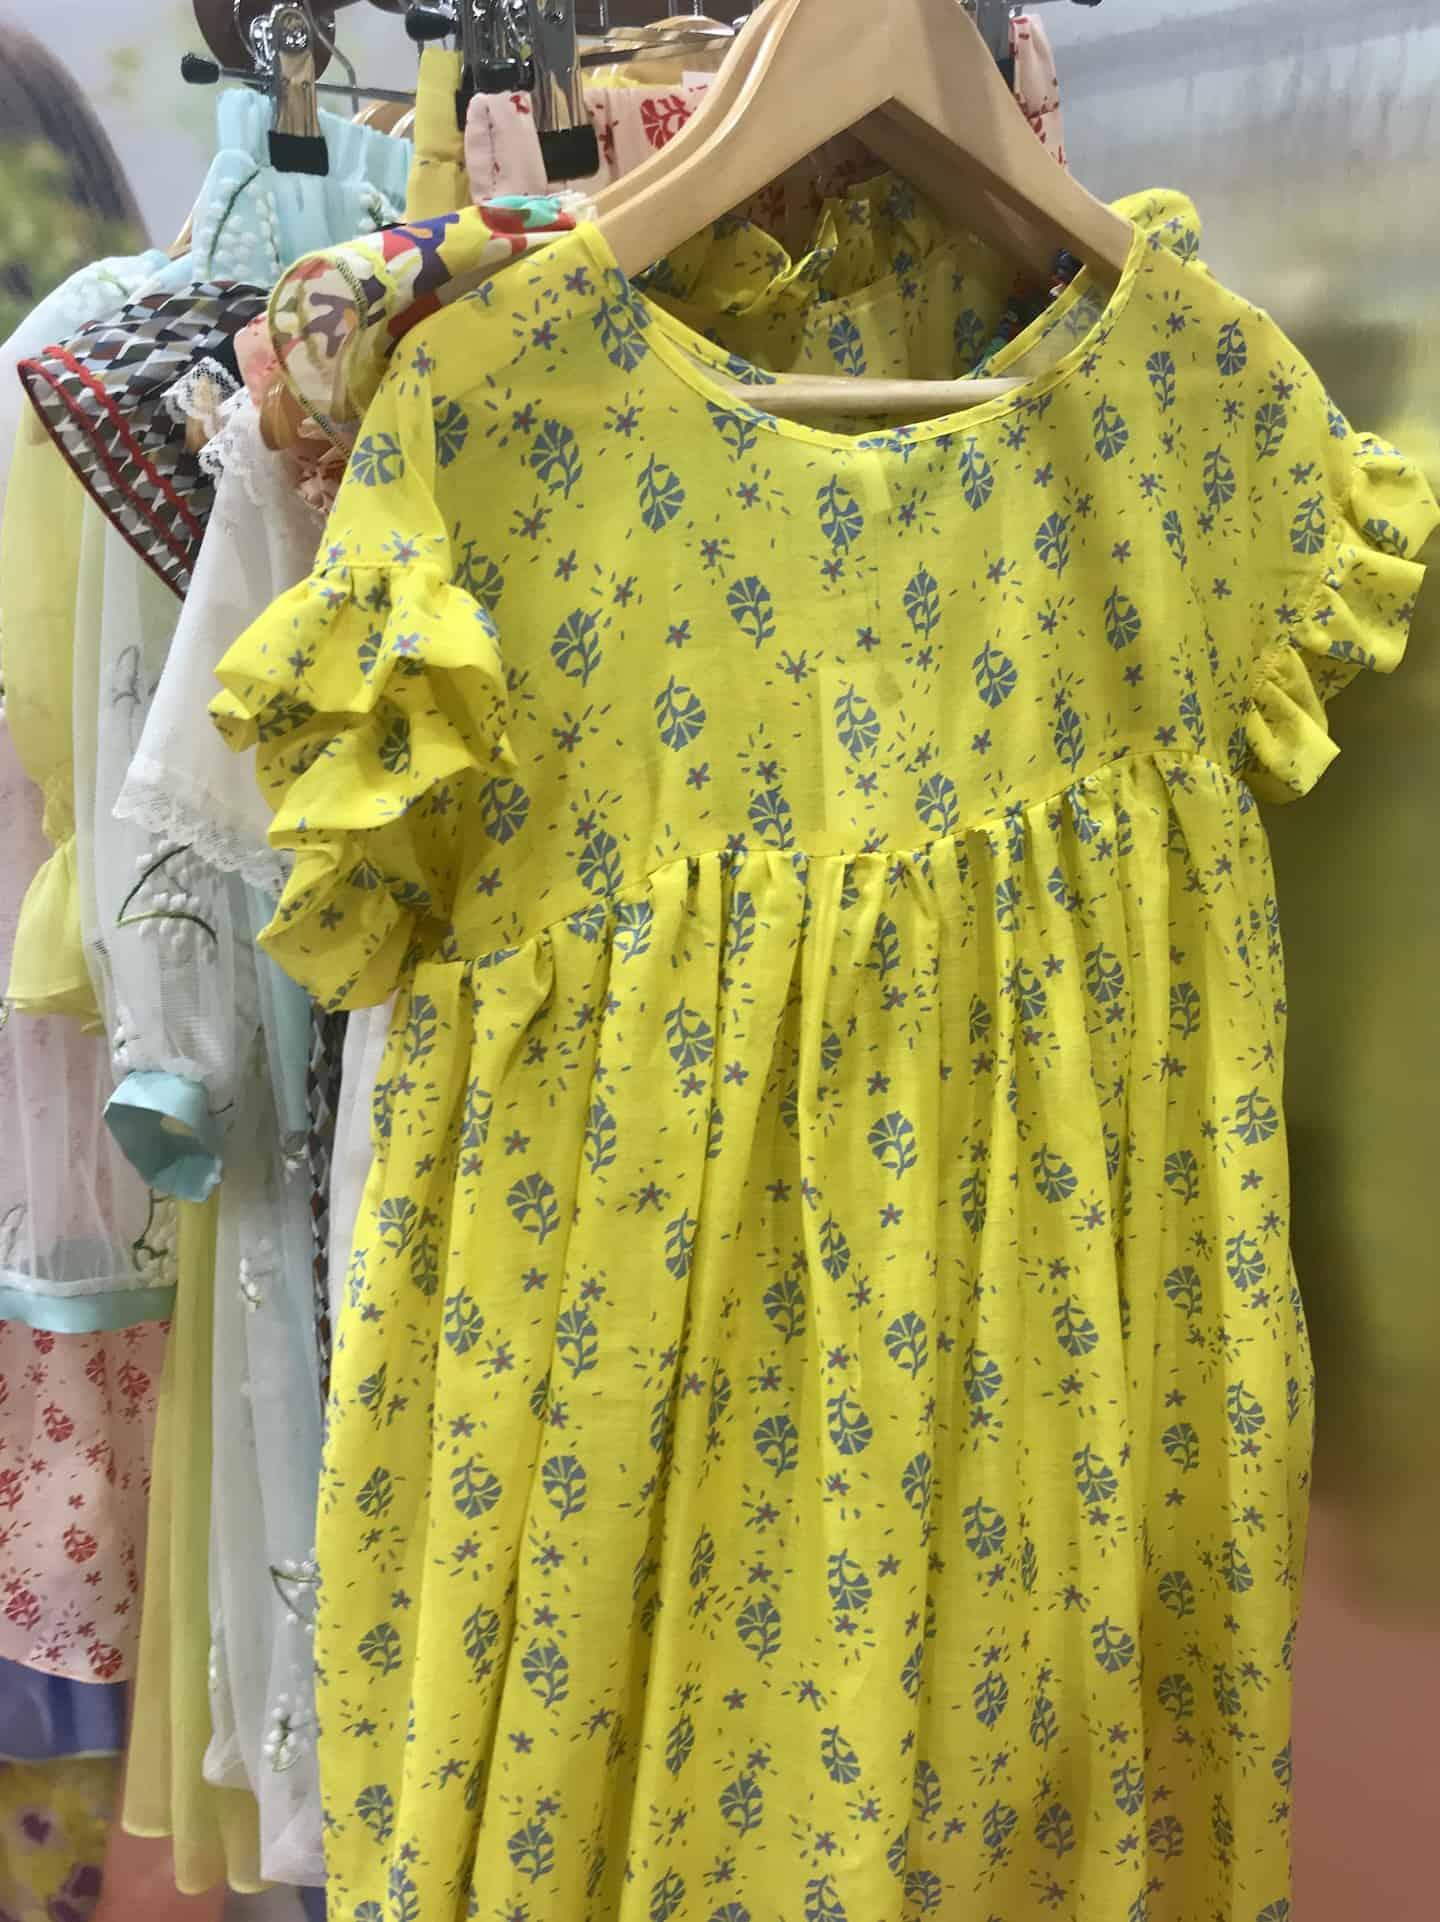 Paade Mode SS20 kids fashion collection at Pitti Bimbo 89